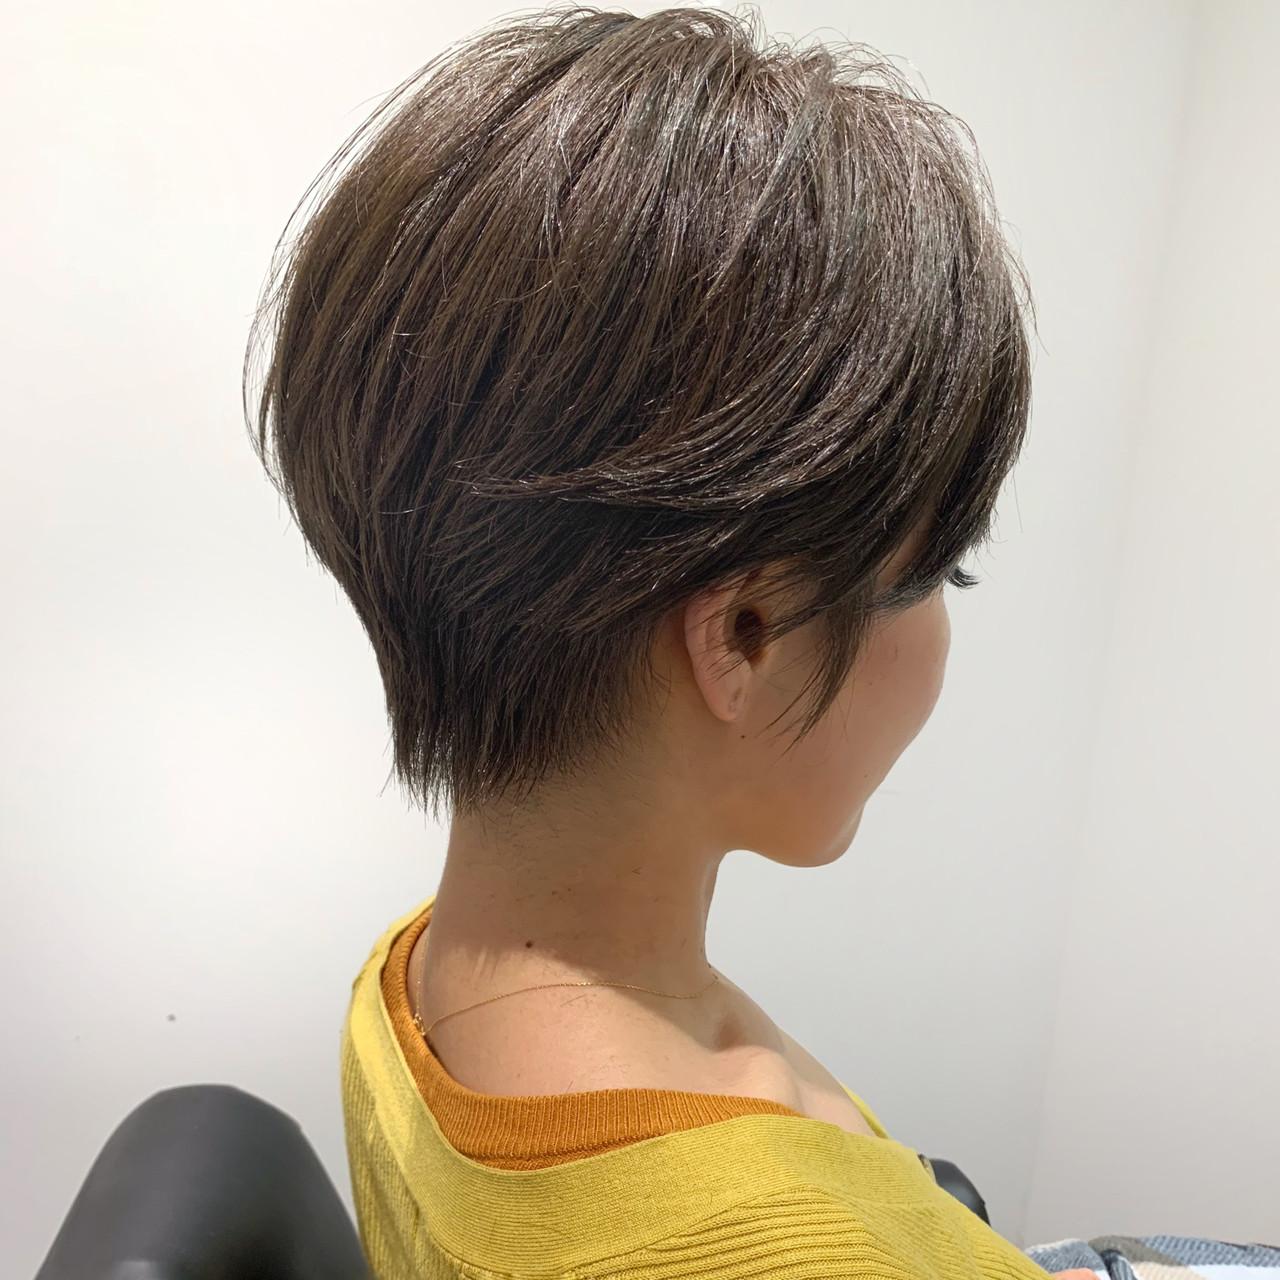 ショートボブ ベリーショート ショート ミニボブ ヘアスタイルや髪型の写真・画像 | ショート職人 知花翔 / The Ect